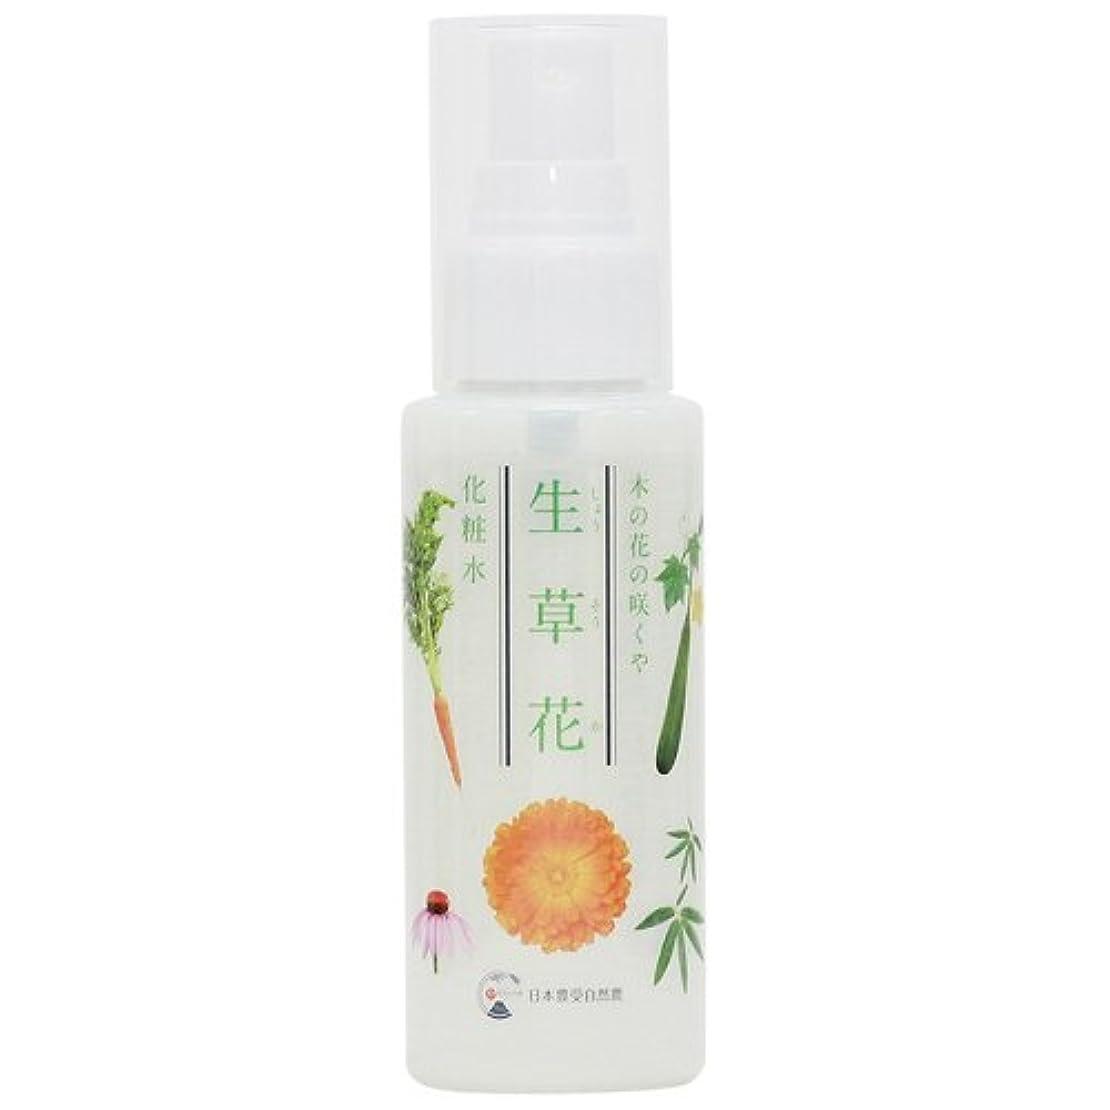 ごちそう勢い差別する日本豊受自然農 木の花の咲くや 生草花 化粧水 80ml